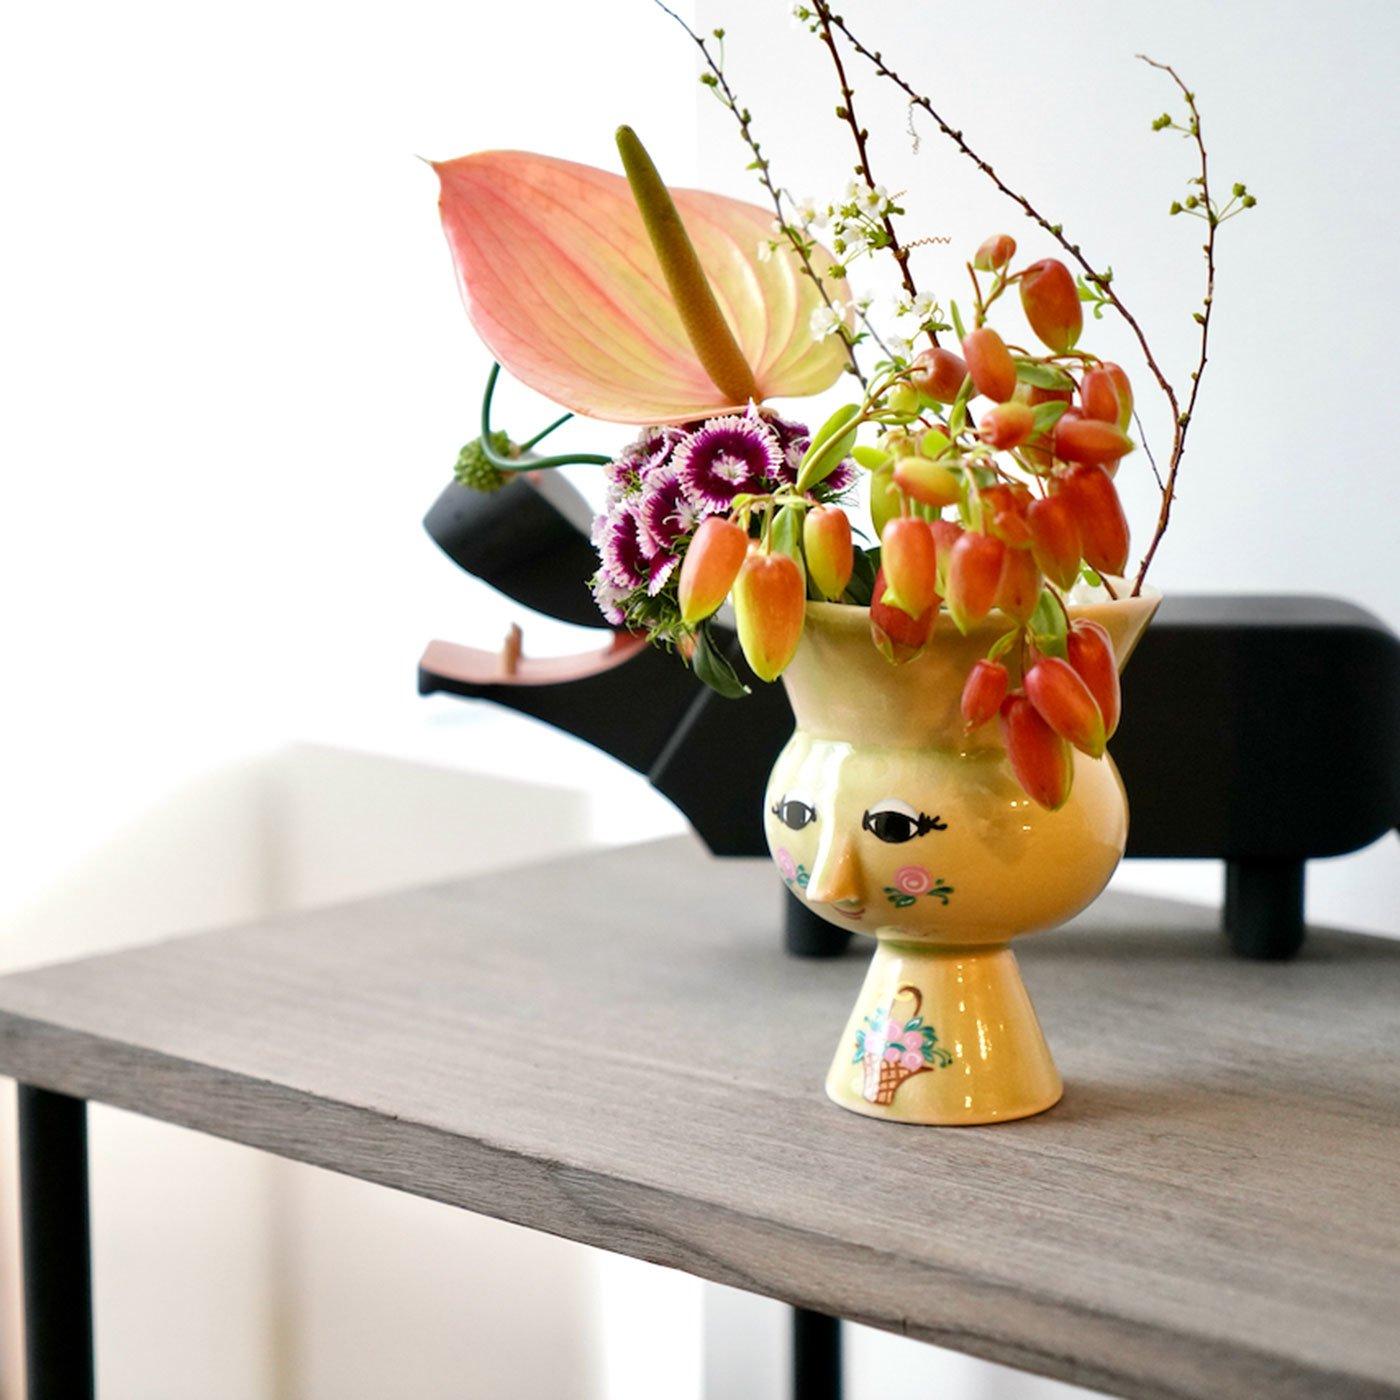 おしゃれに飾りつける楽しみ フラワーベース THE SEASONS〈夏〉/ビヨン・ヴィンブラッド